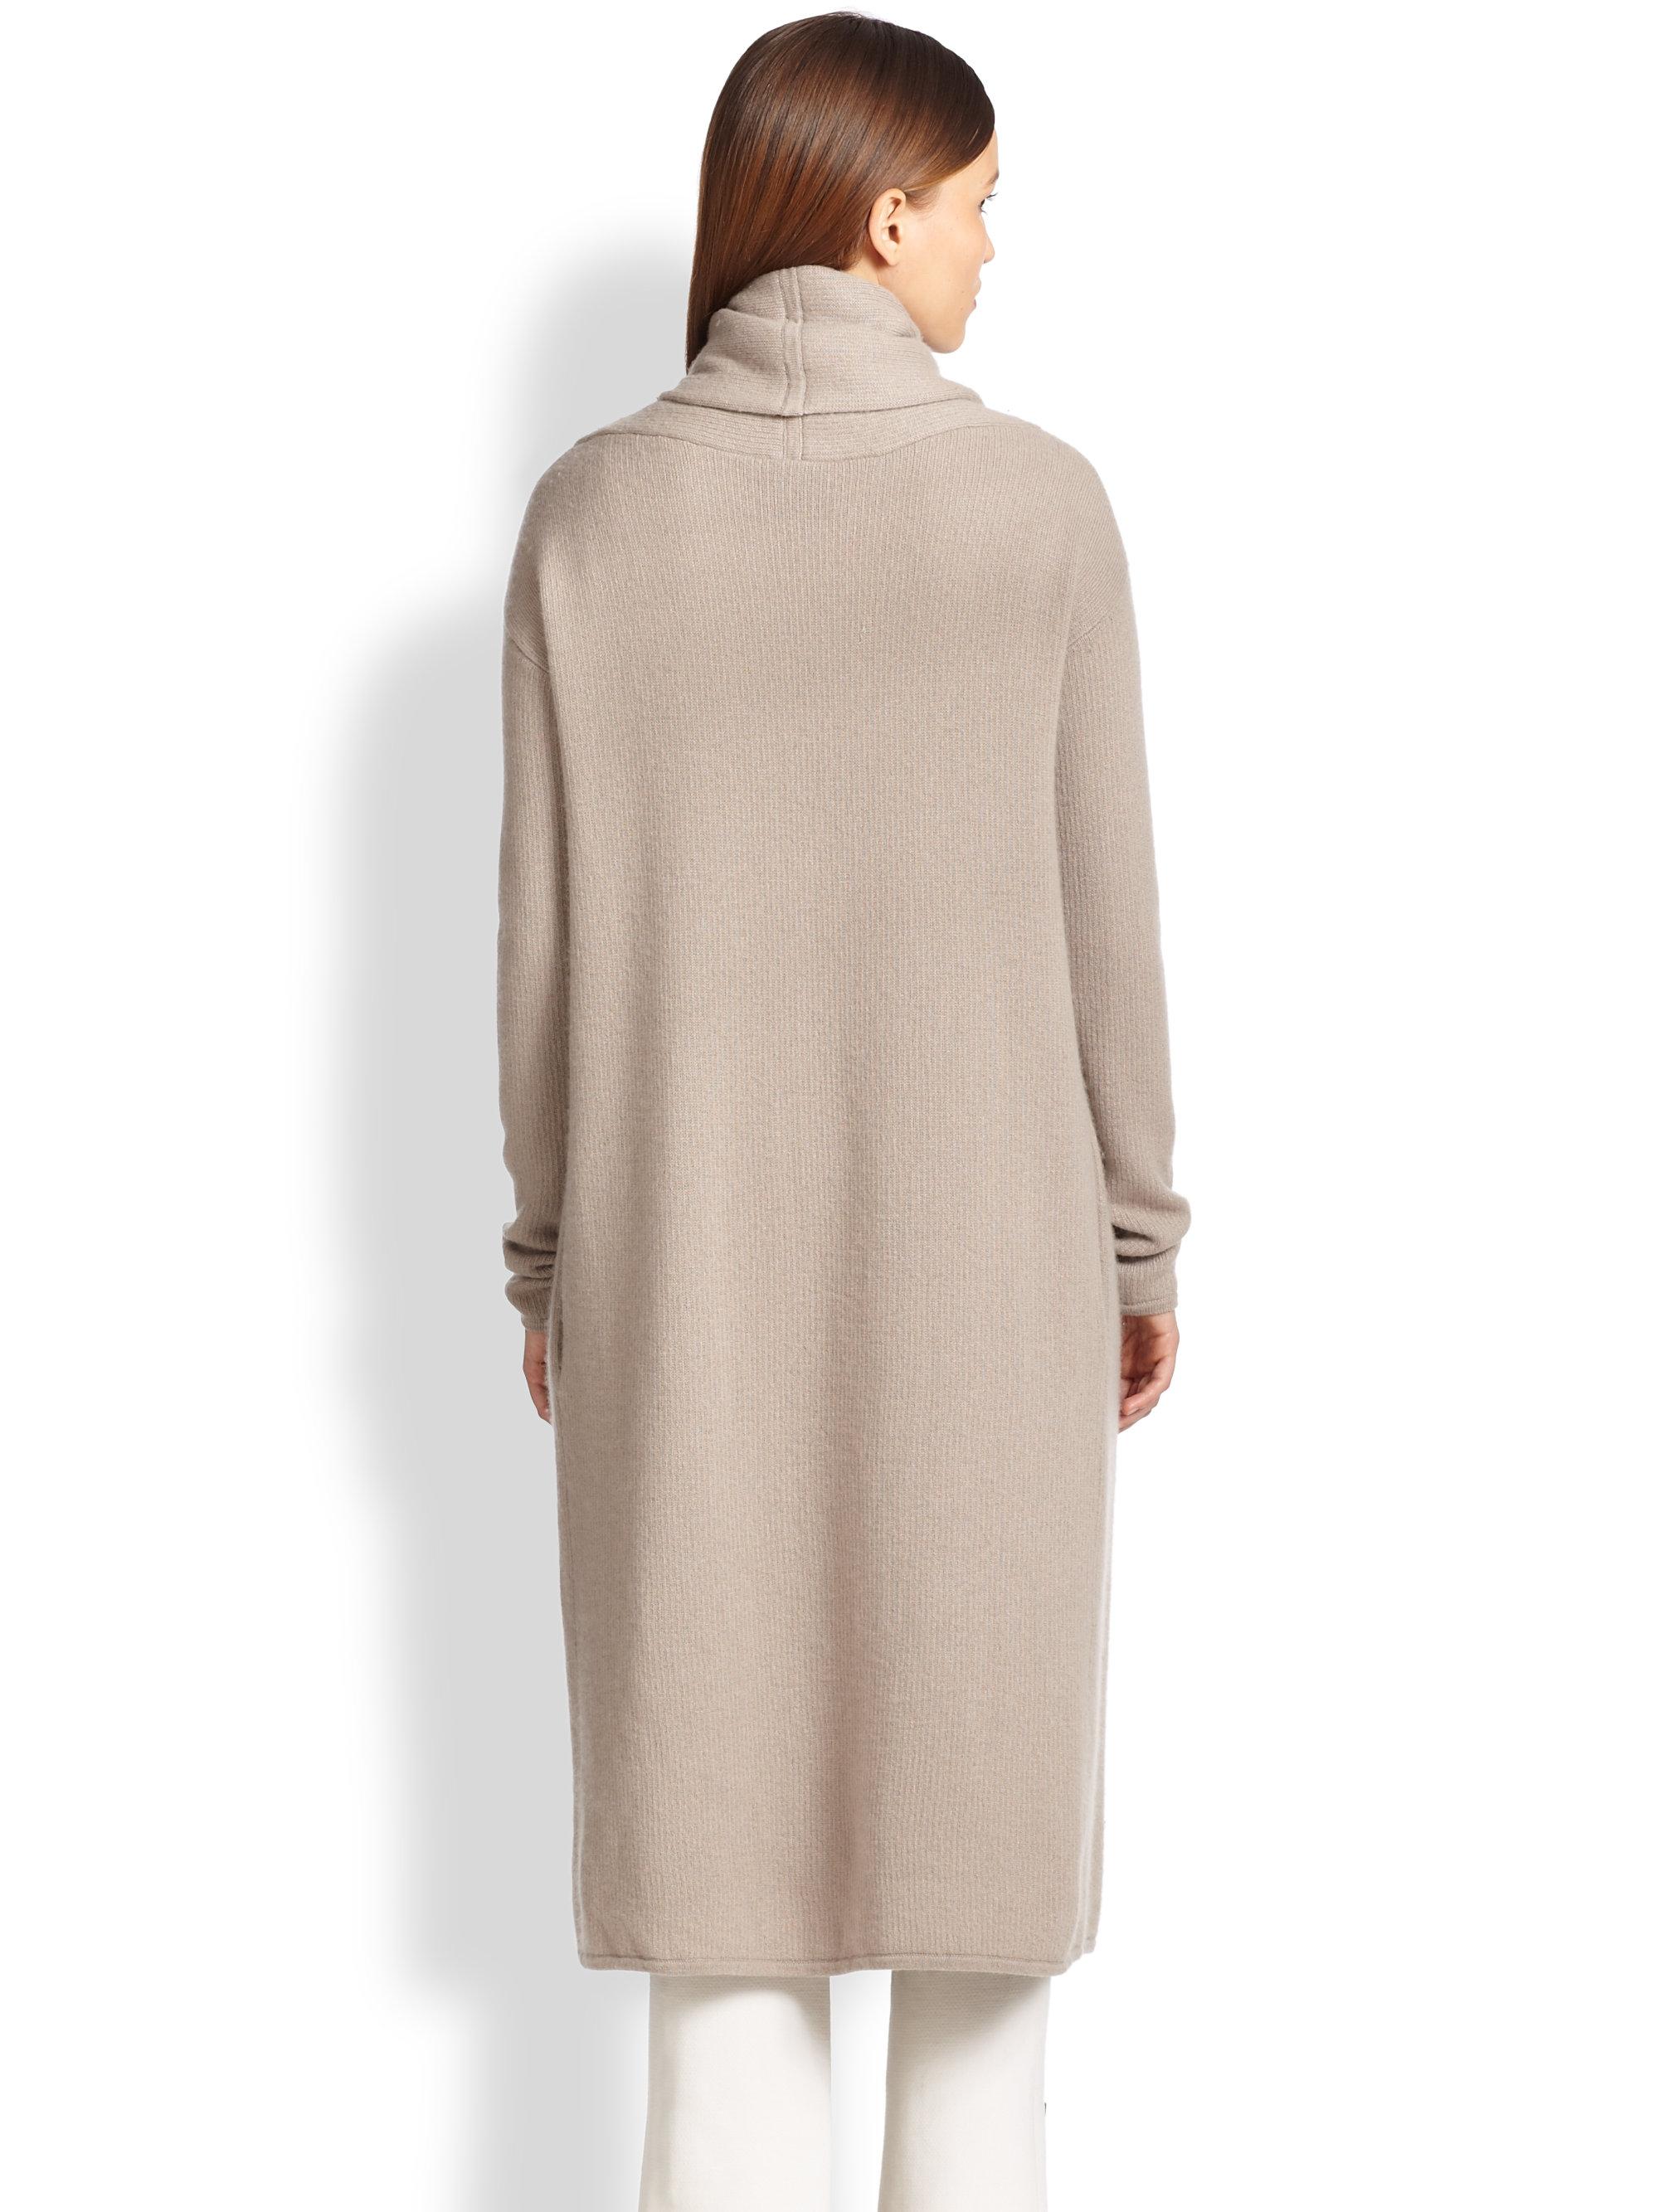 lyst donna karan cashmere blanket coat in gray. Black Bedroom Furniture Sets. Home Design Ideas